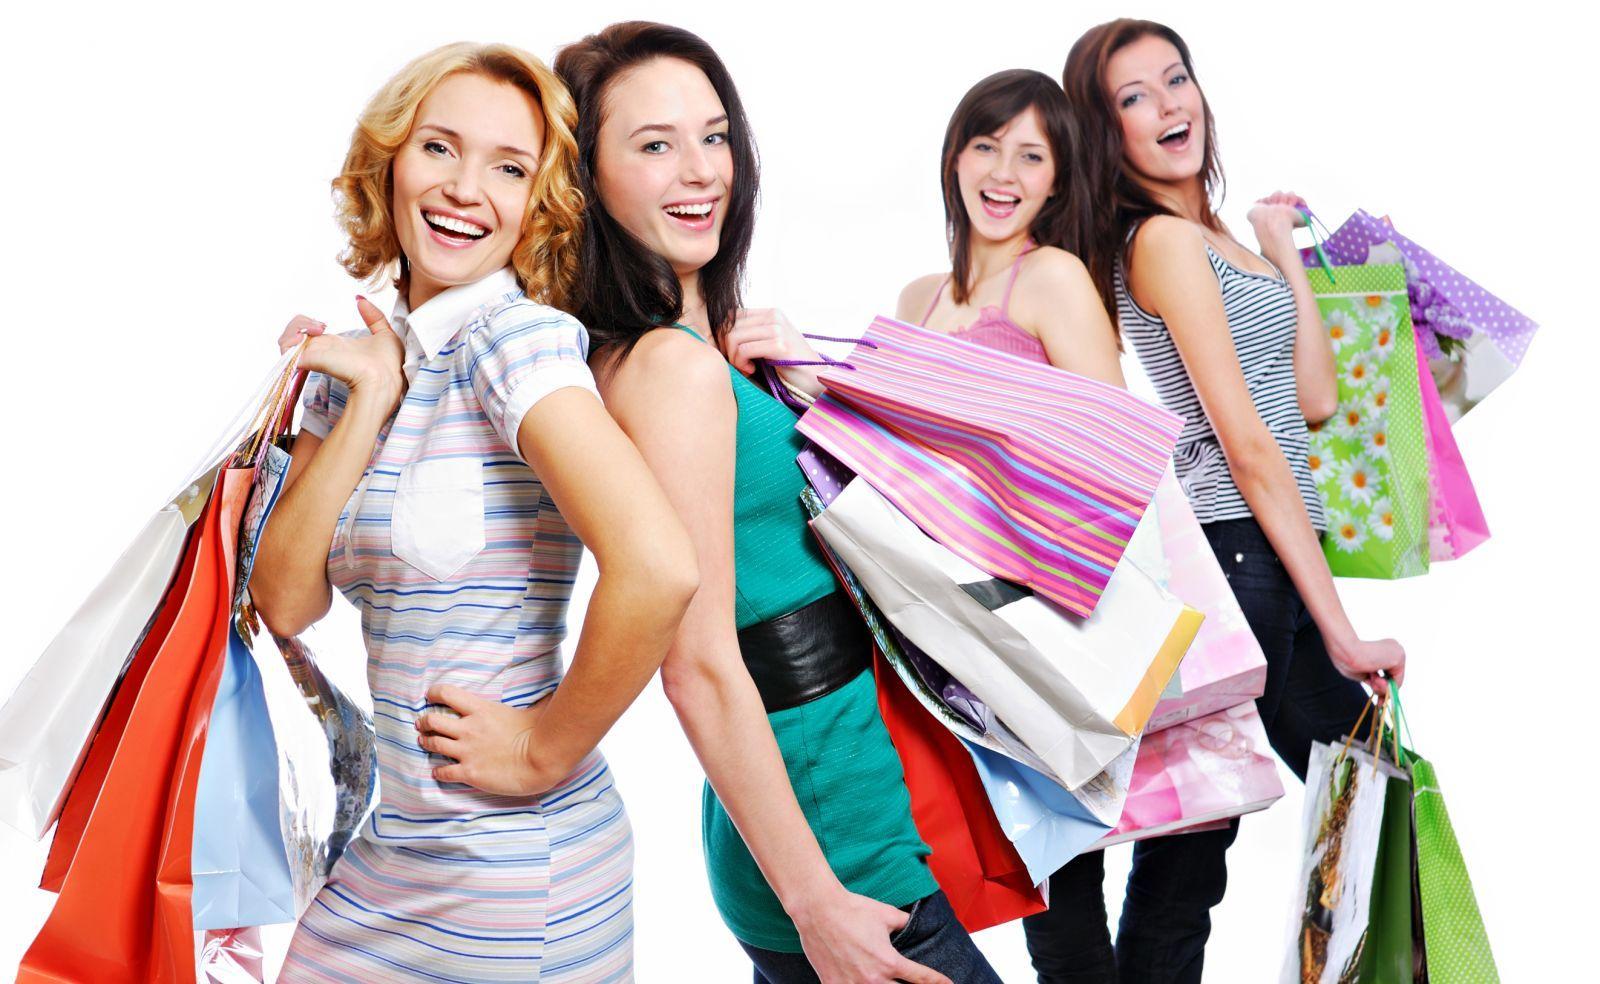 Распродажа: чем стоит пополнить свой гардероб в сезон скидок